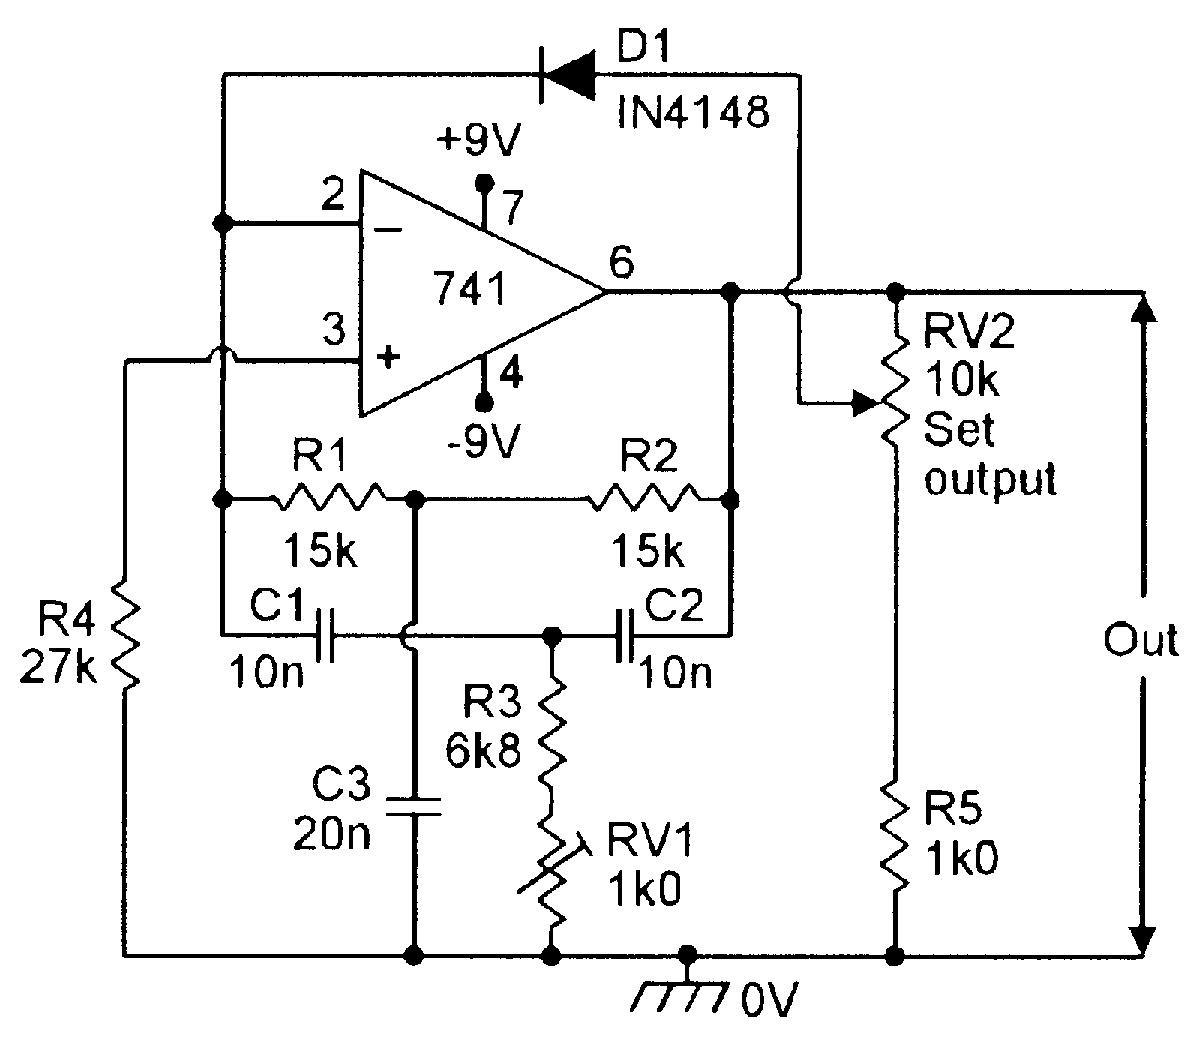 hight resolution of figure 8 diode regulated 1khz twin t oscillator